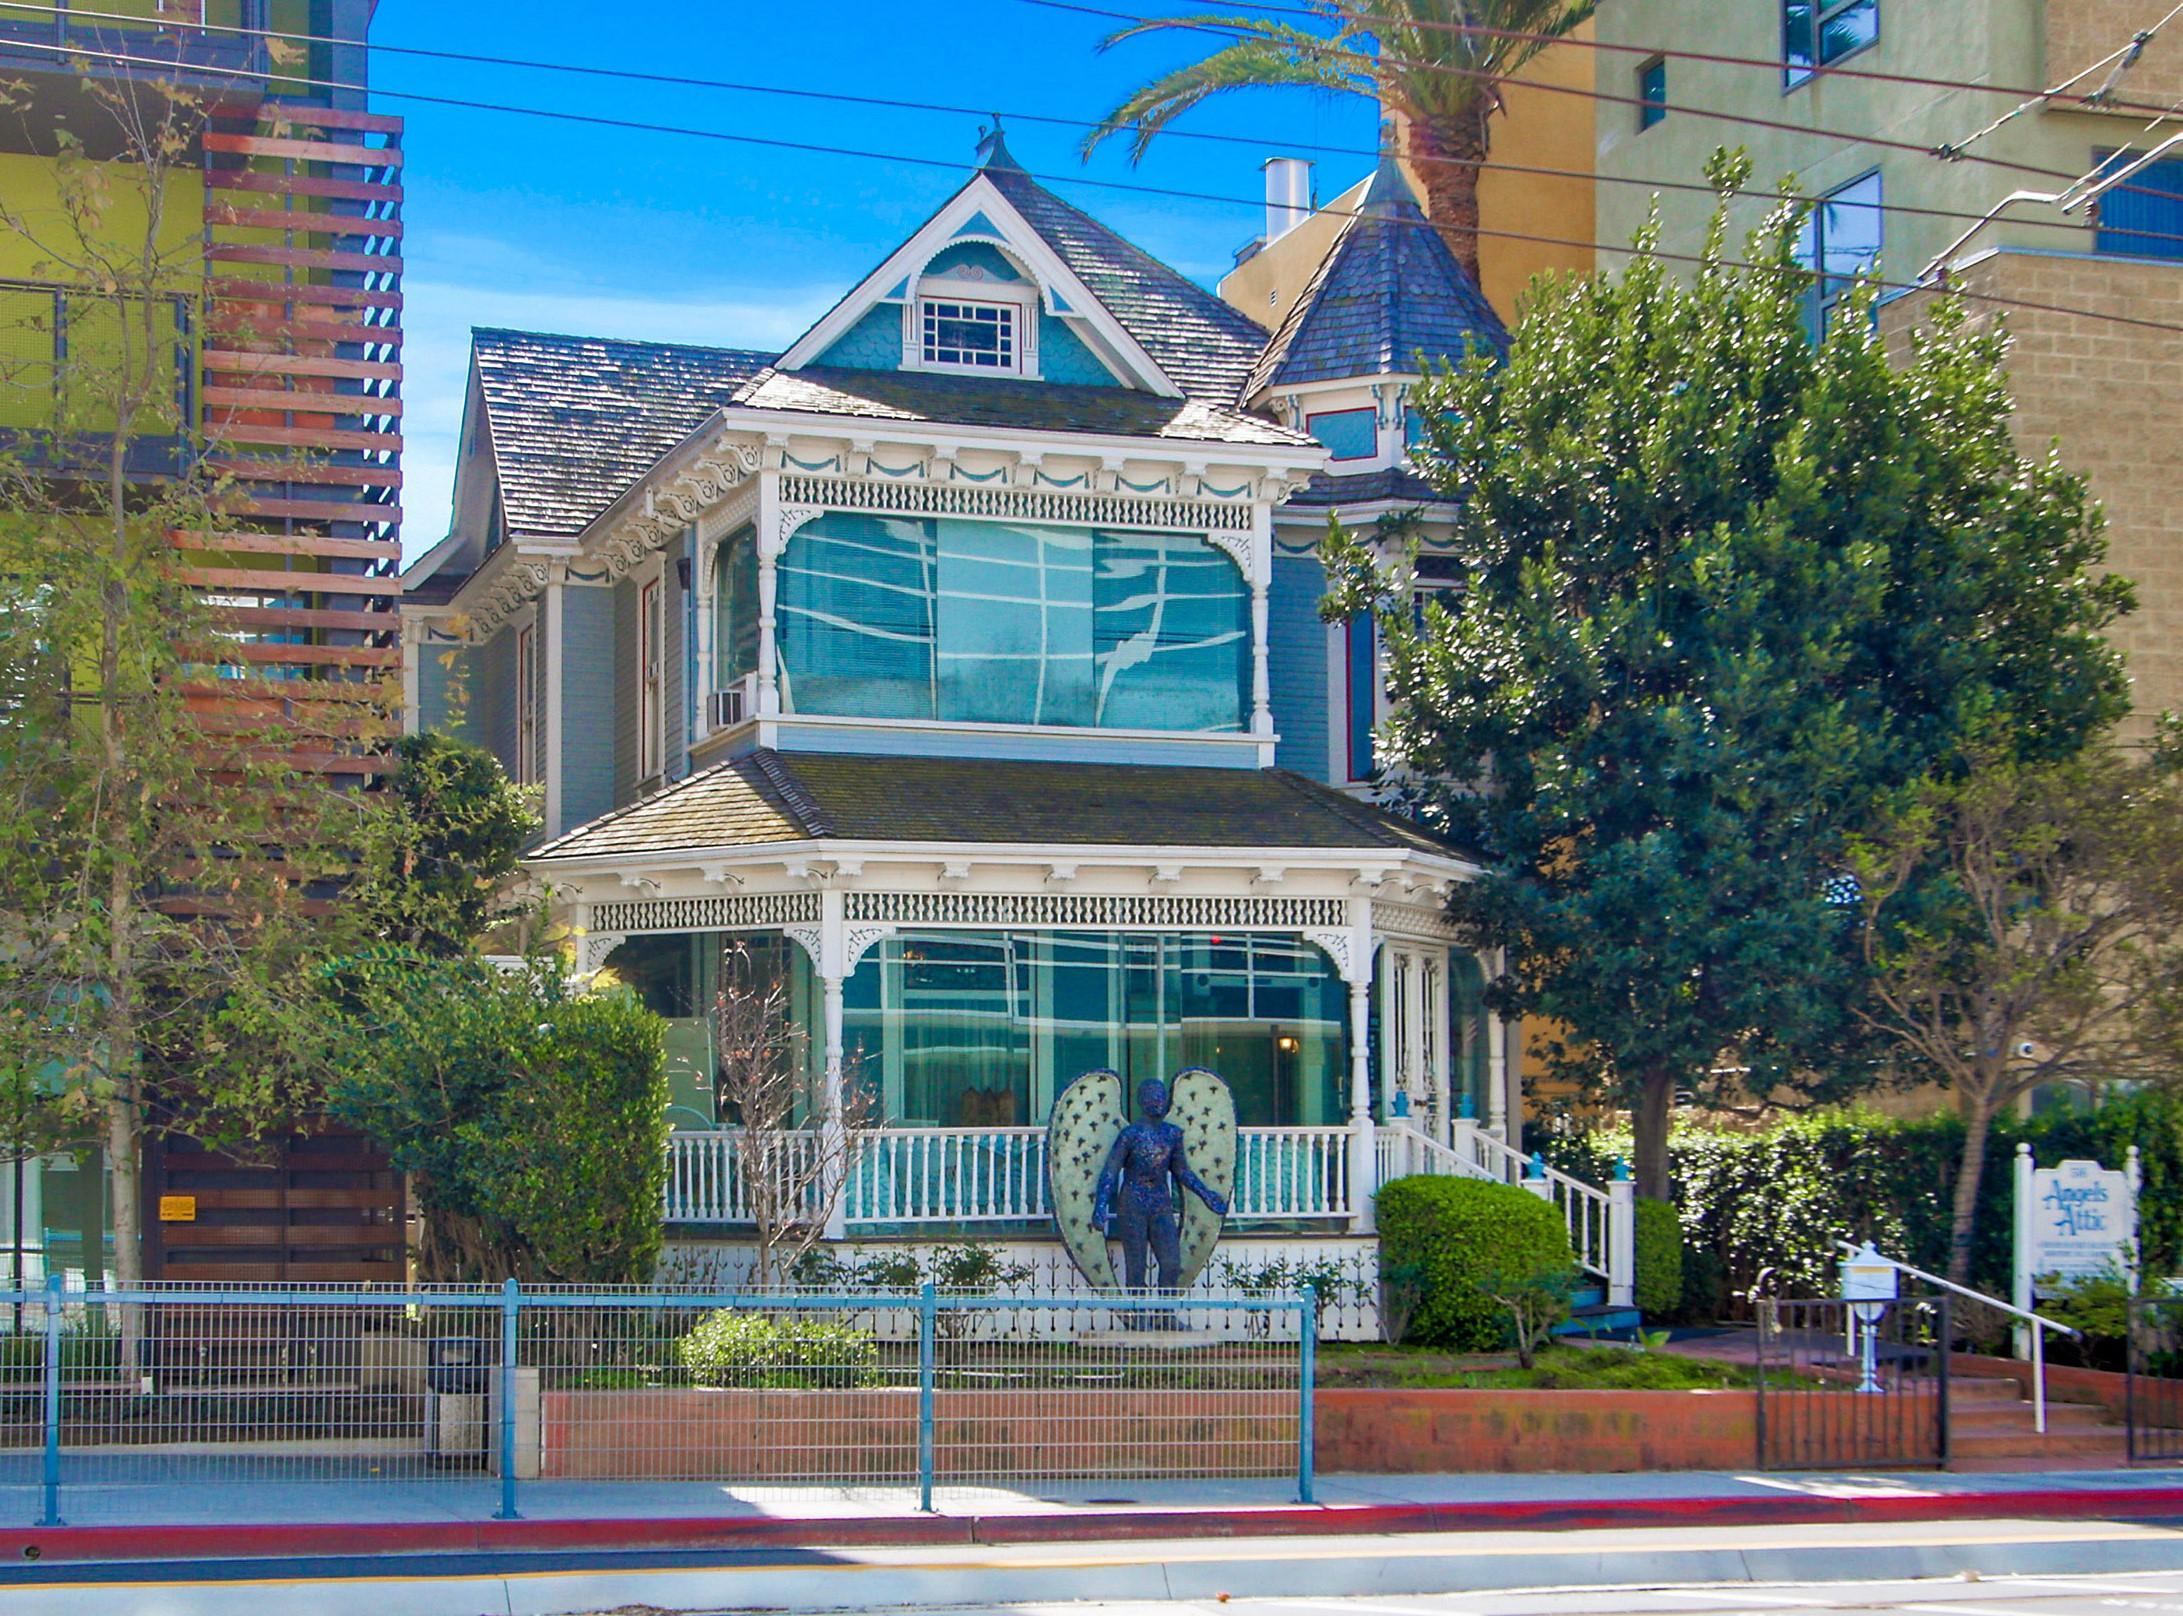 coldwell banker commercial westmac arranges 3 million sale of commercial property in santa. Black Bedroom Furniture Sets. Home Design Ideas